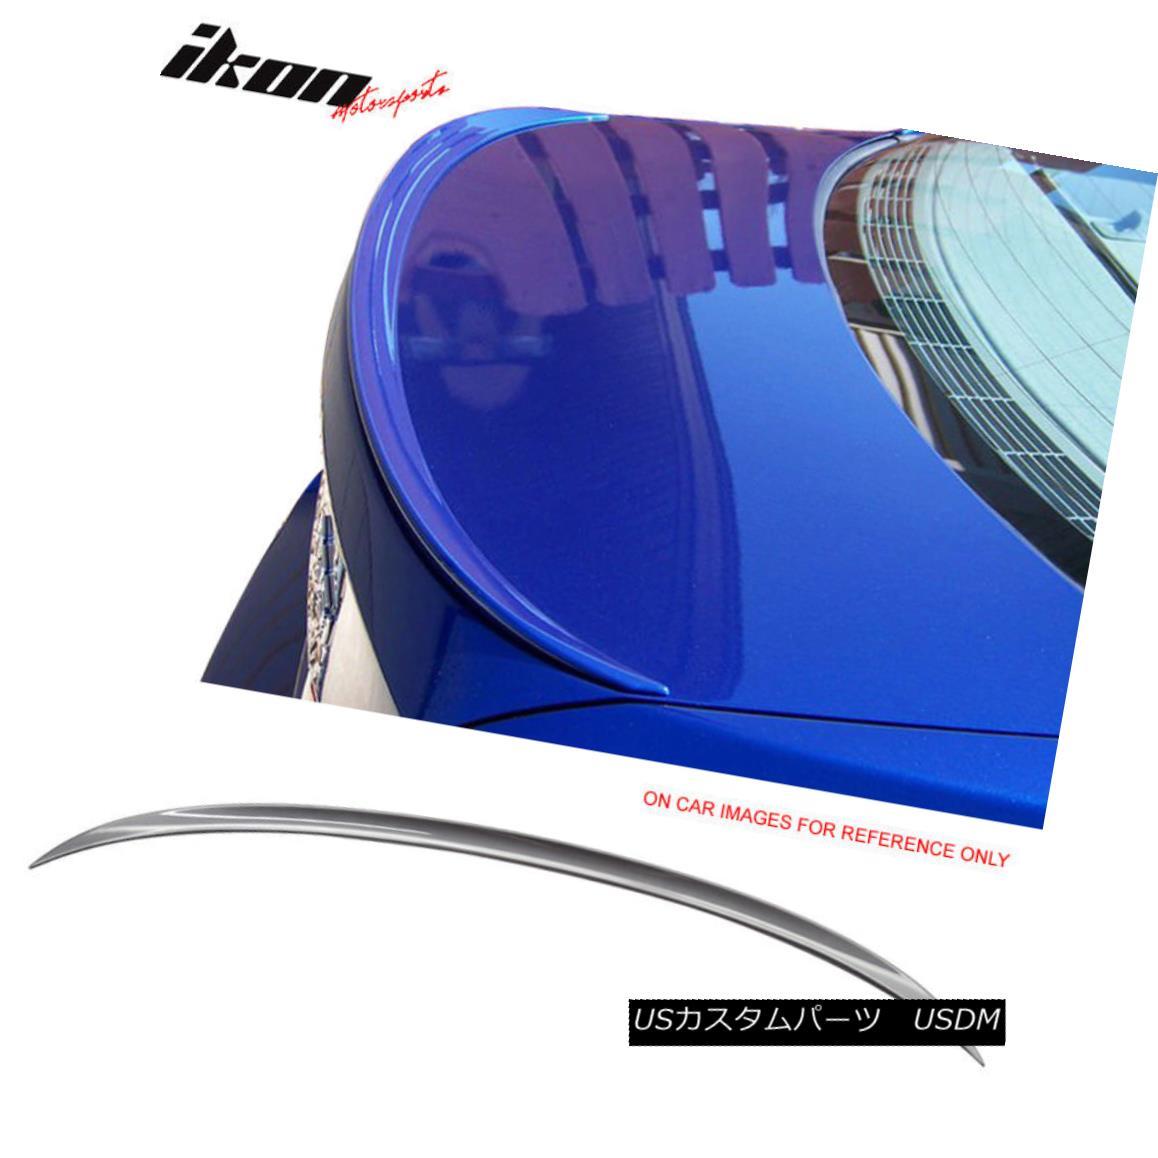 エアロパーツ Fits 06-11 3-Series E90 Sedan M3 Trunk Spoiler Painted #A22 Sparkling Graphite フィット06-11 3シリーズE90セダンM3トランクスポイラー#A22スパークリンググラファイト